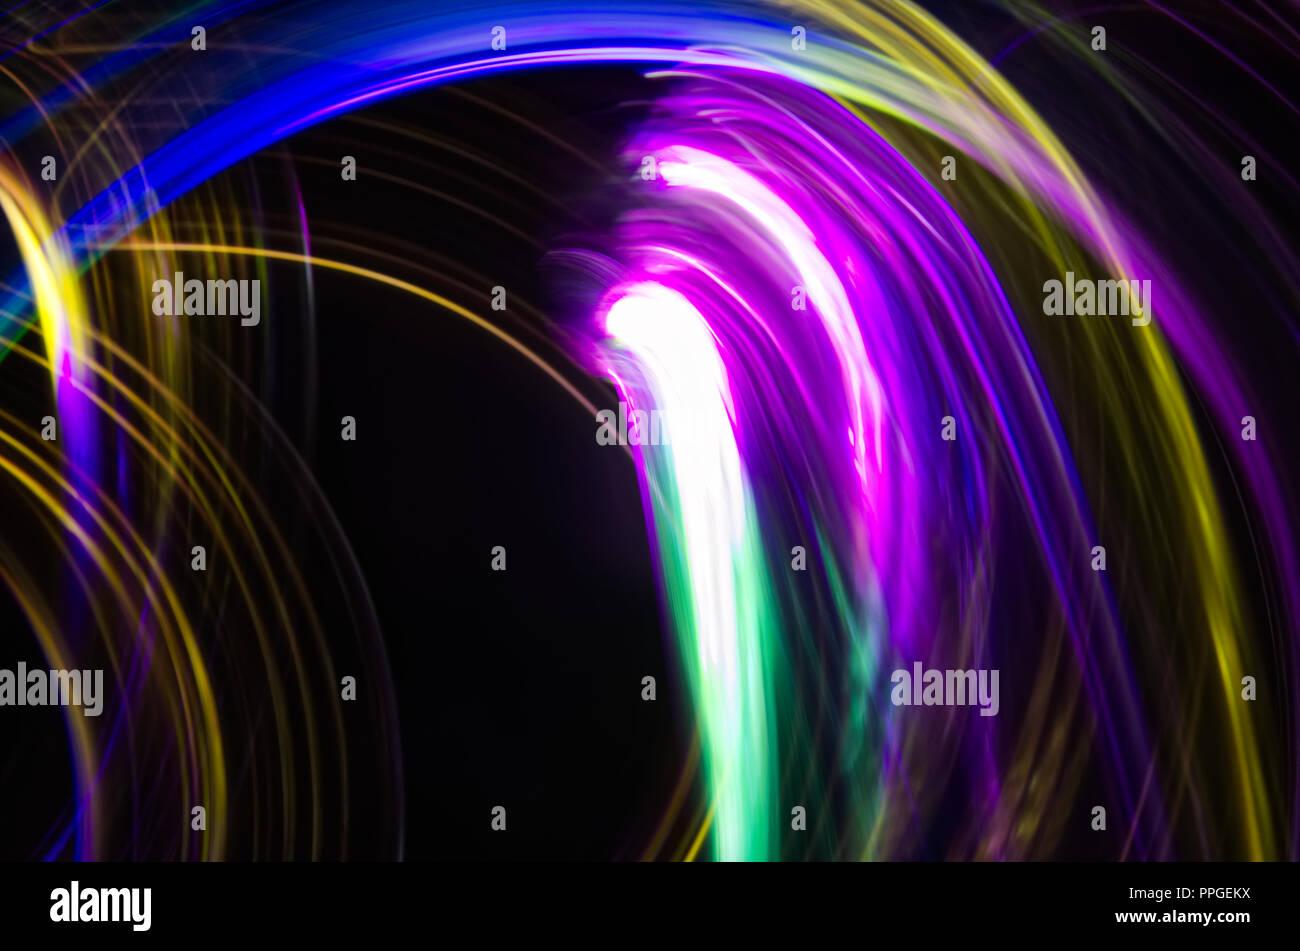 Sfondo astratto buona per un annuncio piuttosto turbinii di luce, in colori luminosi. Effetto Neon. Immagini Stock